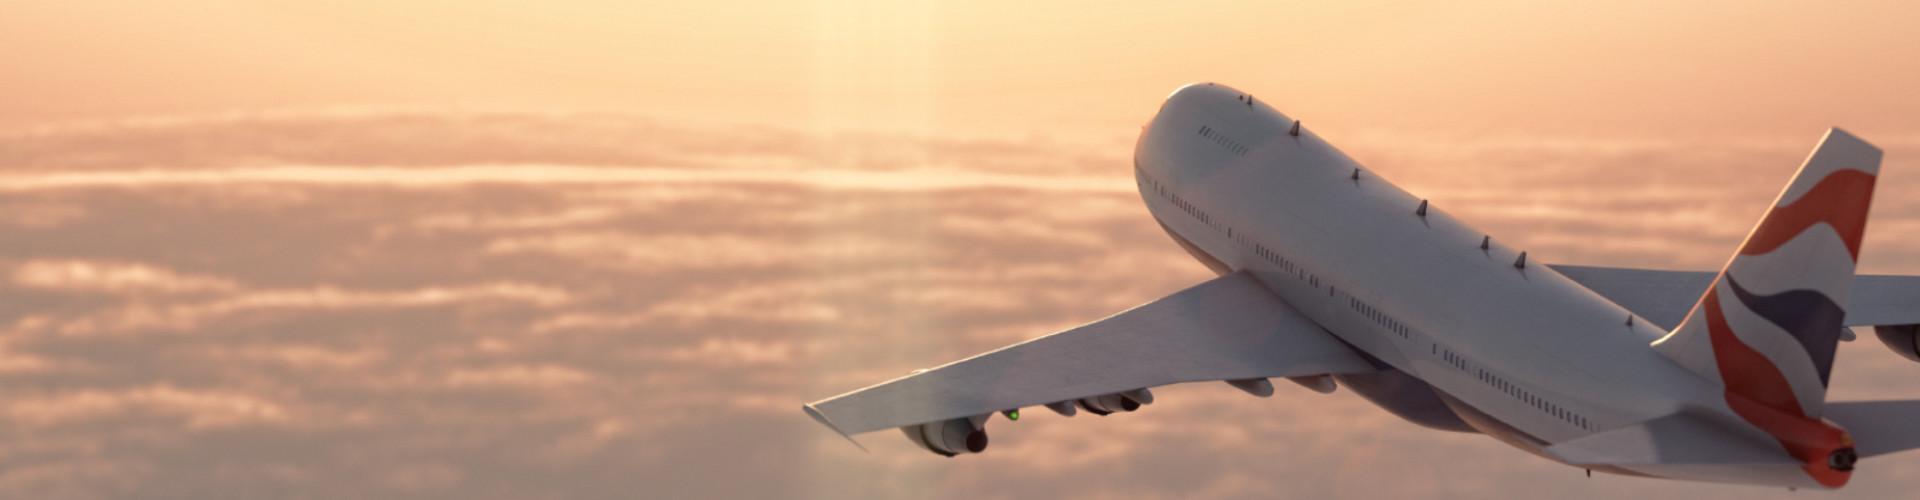 Flugzeug über den Wolken © Adobe, Adobe